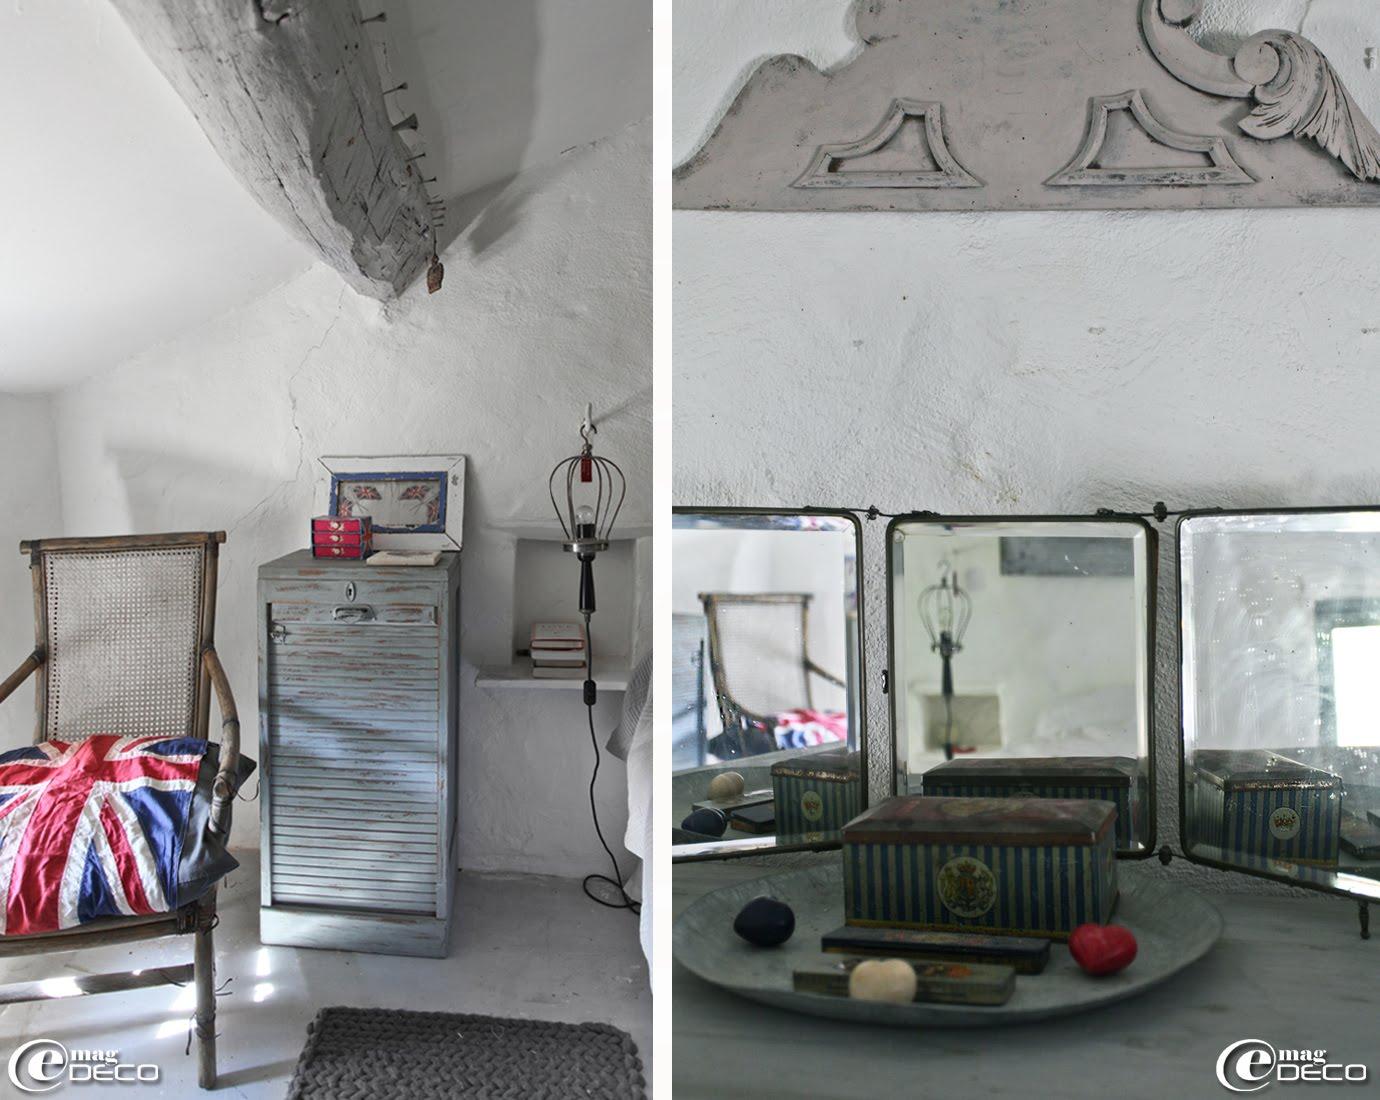 Une niche munie d'une tablette saillante et surmontée d'une baladeuse suspendue à un crochet fait office de table de chevet